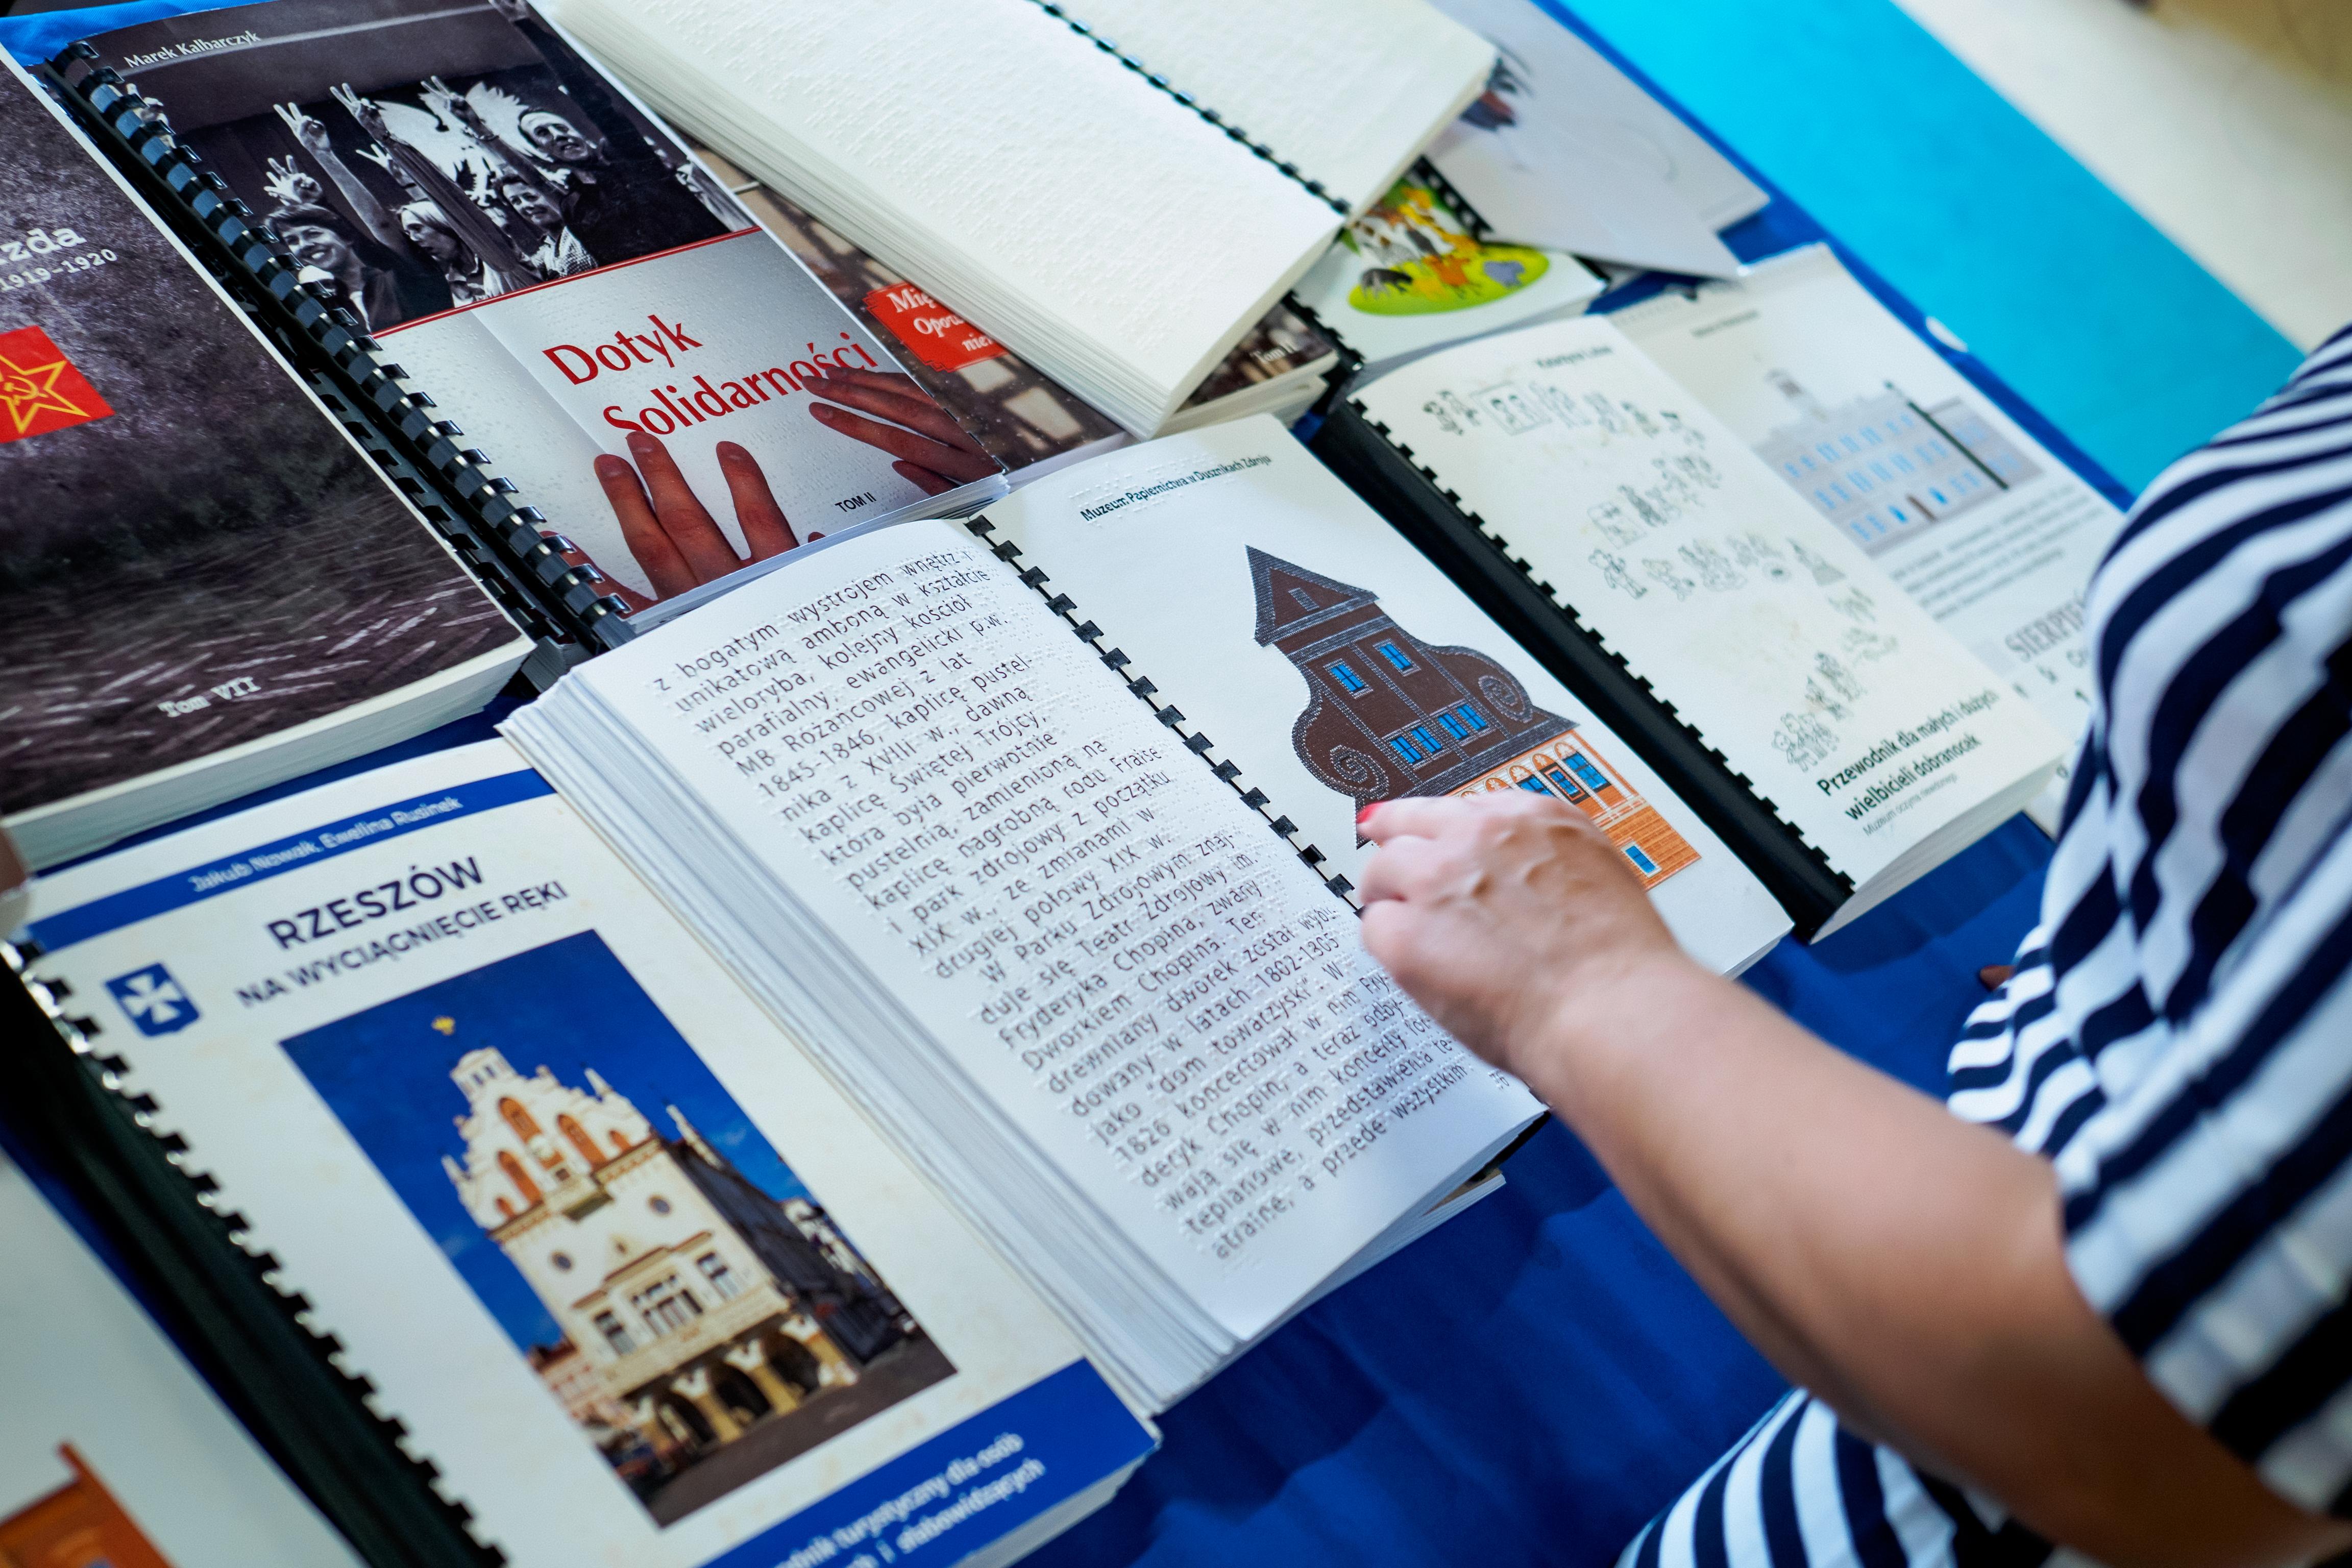 Otwarta jedna z publikacji brajlowskich. Ktoś kieruje palec w stronę książki.